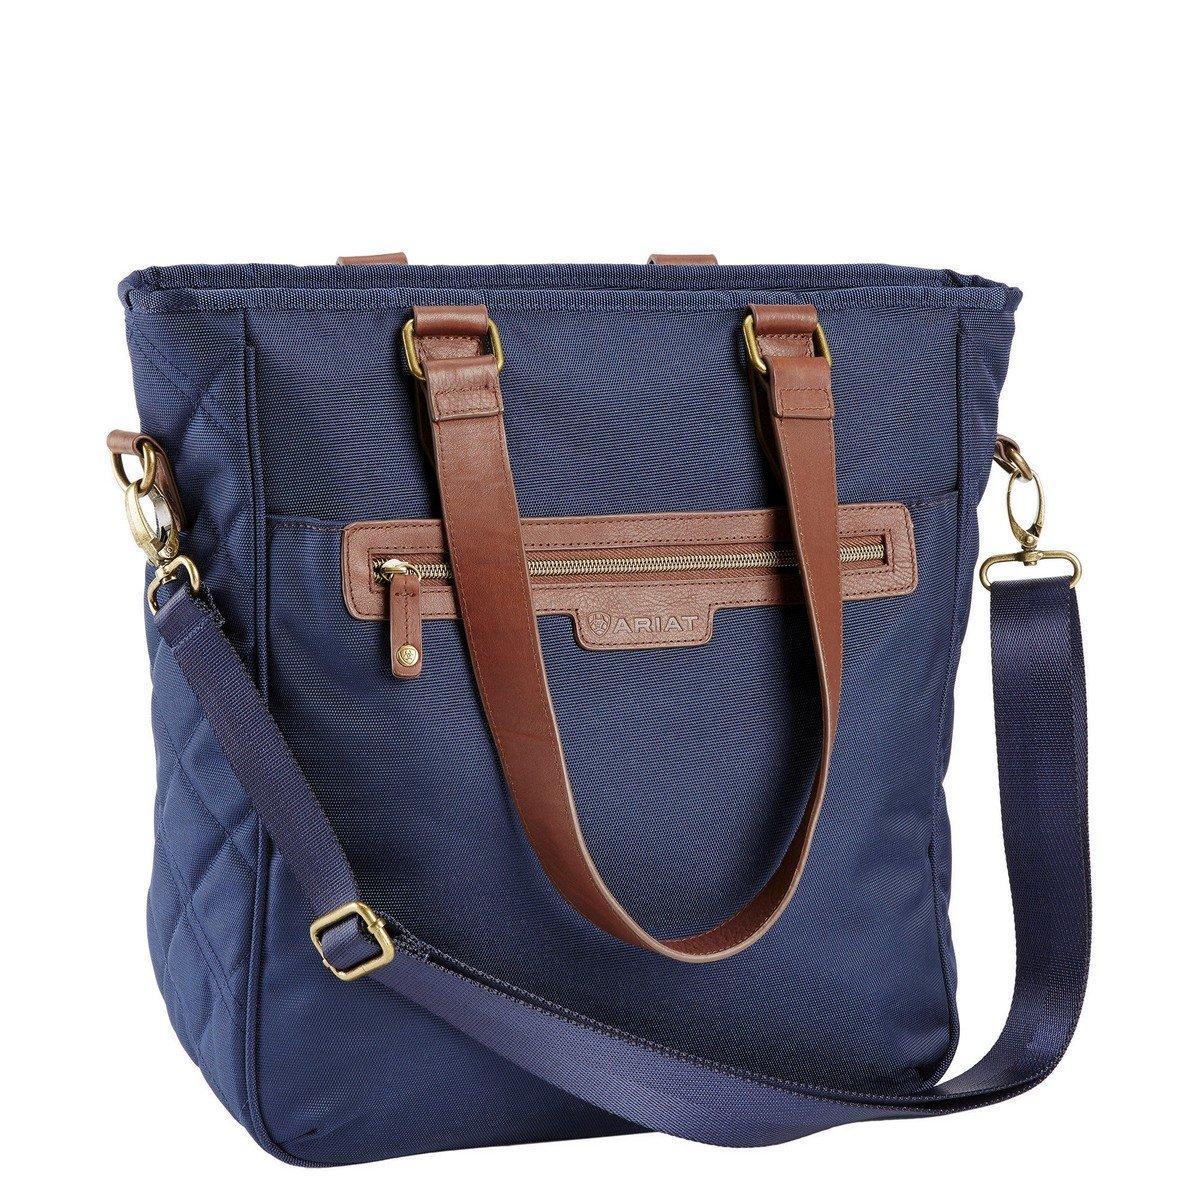 Imagem de Ariat Bag Core Large Tote Blue One Size